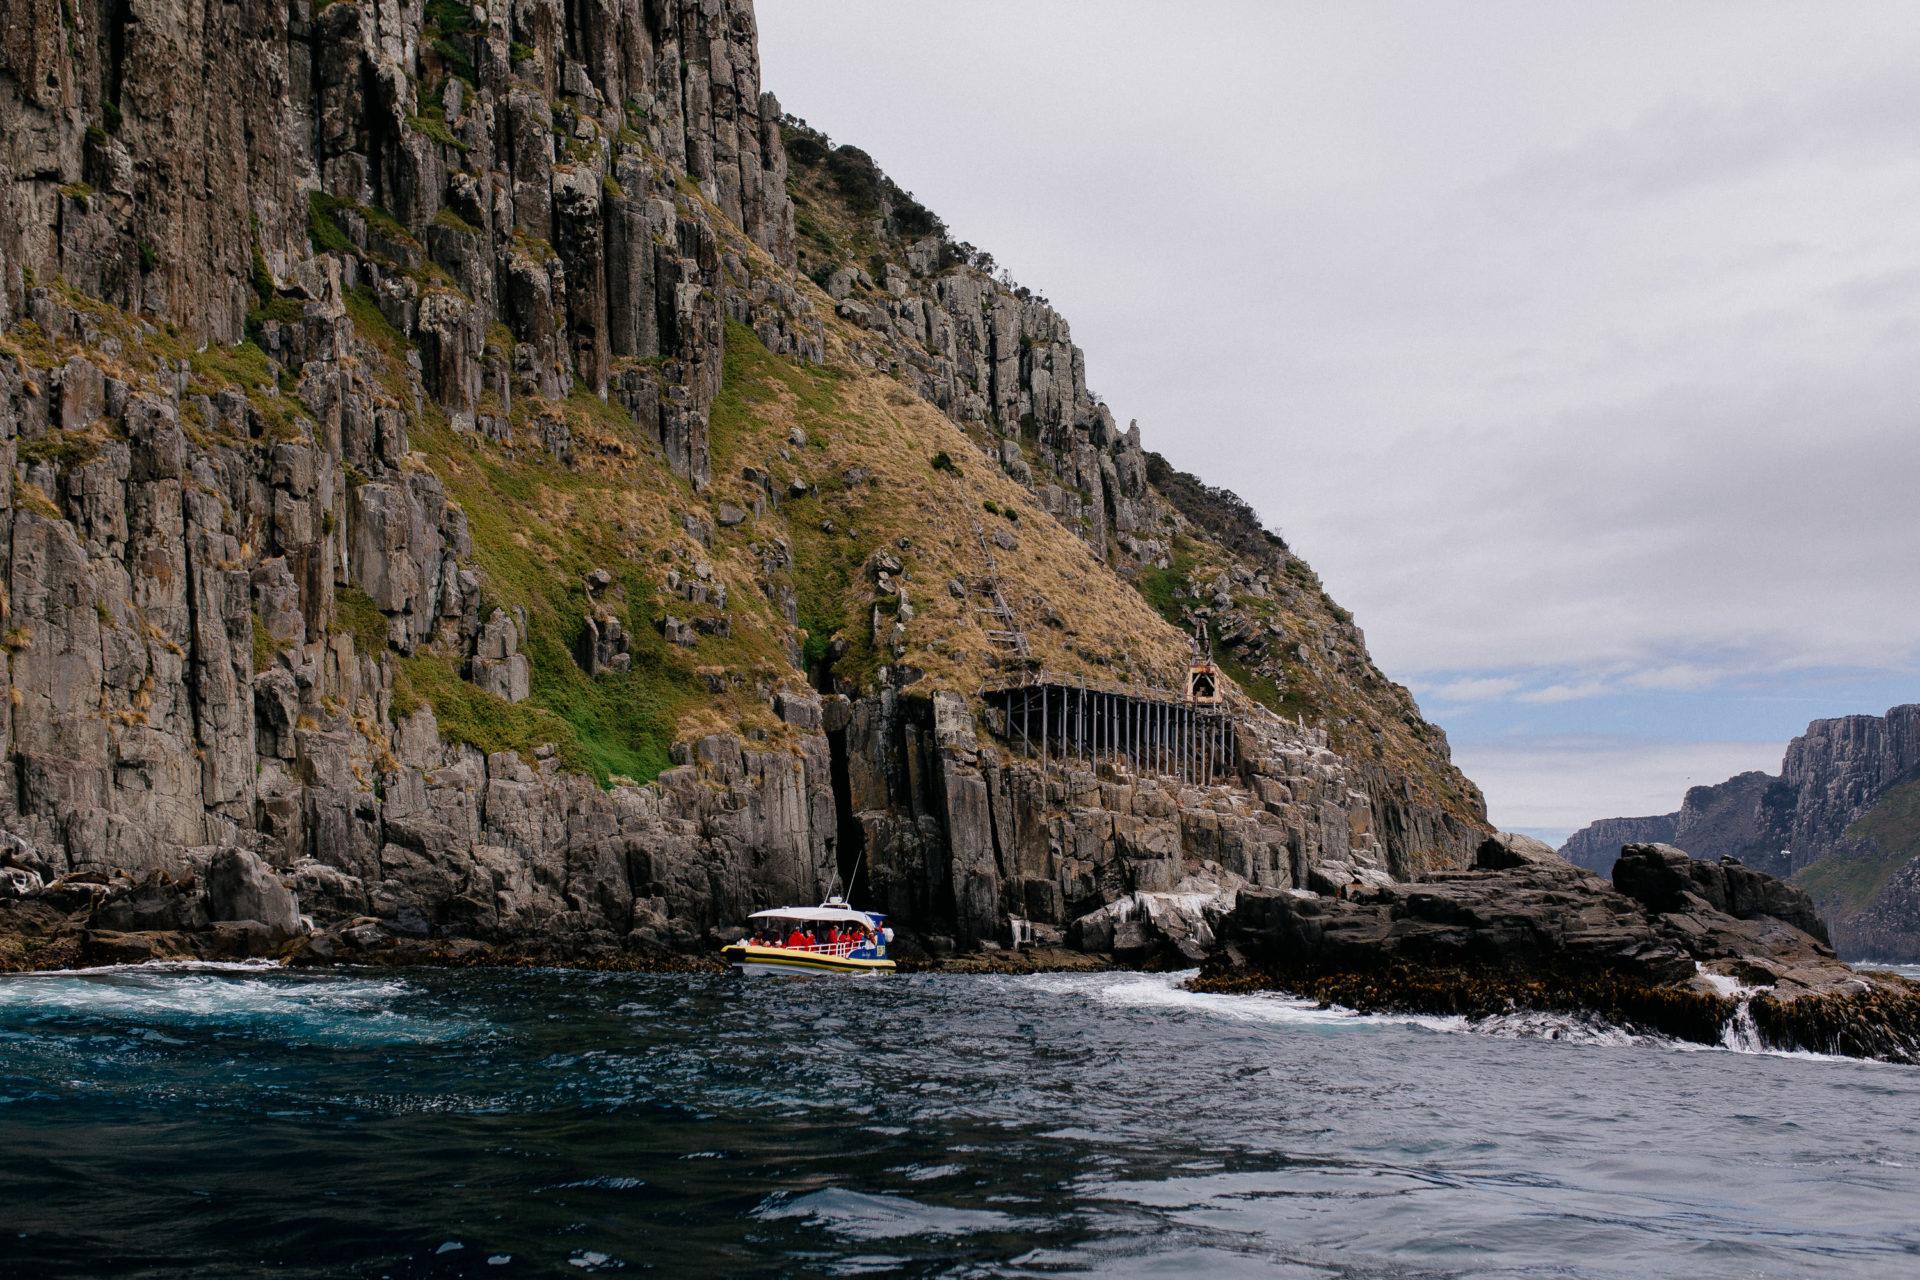 Tasmanien-erleben-roadtrip-rundreise-wunderschöne langschaften-port Arthur-bootstour-steilküste